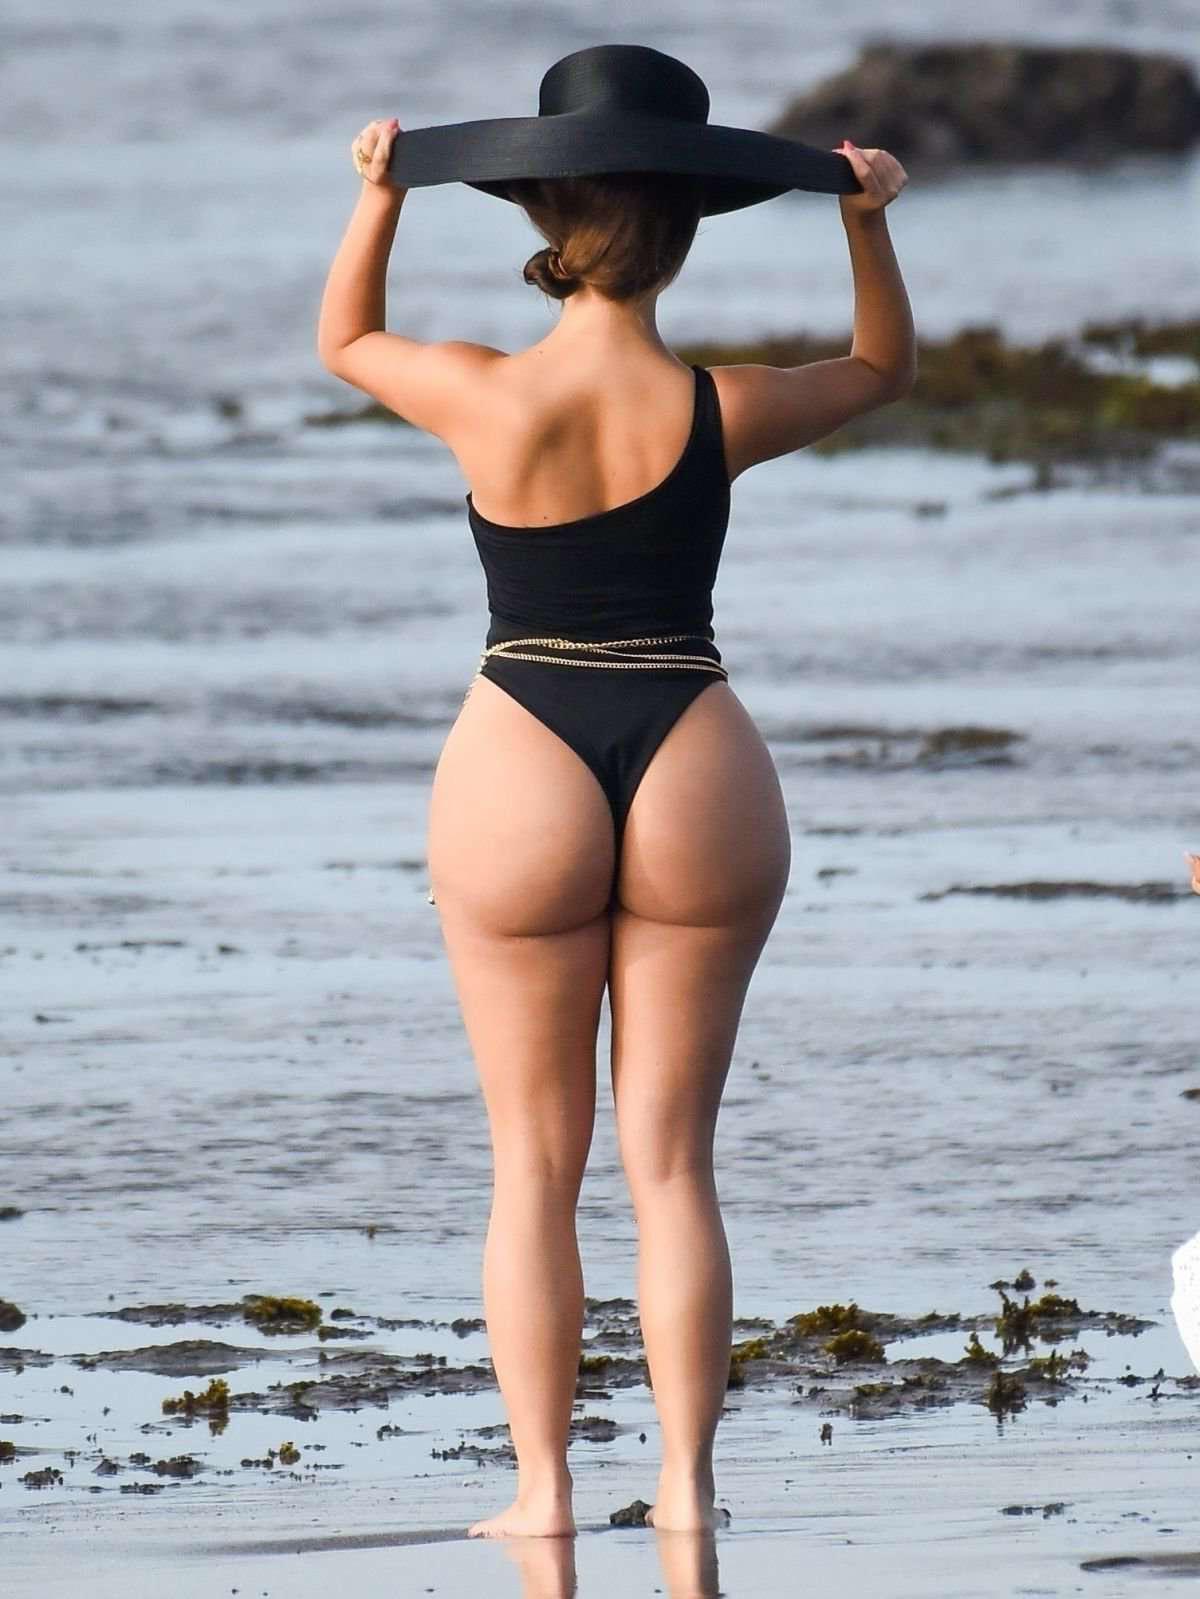 Деми Роуз Моуби в купальнике на съемках фото сессии на Бали